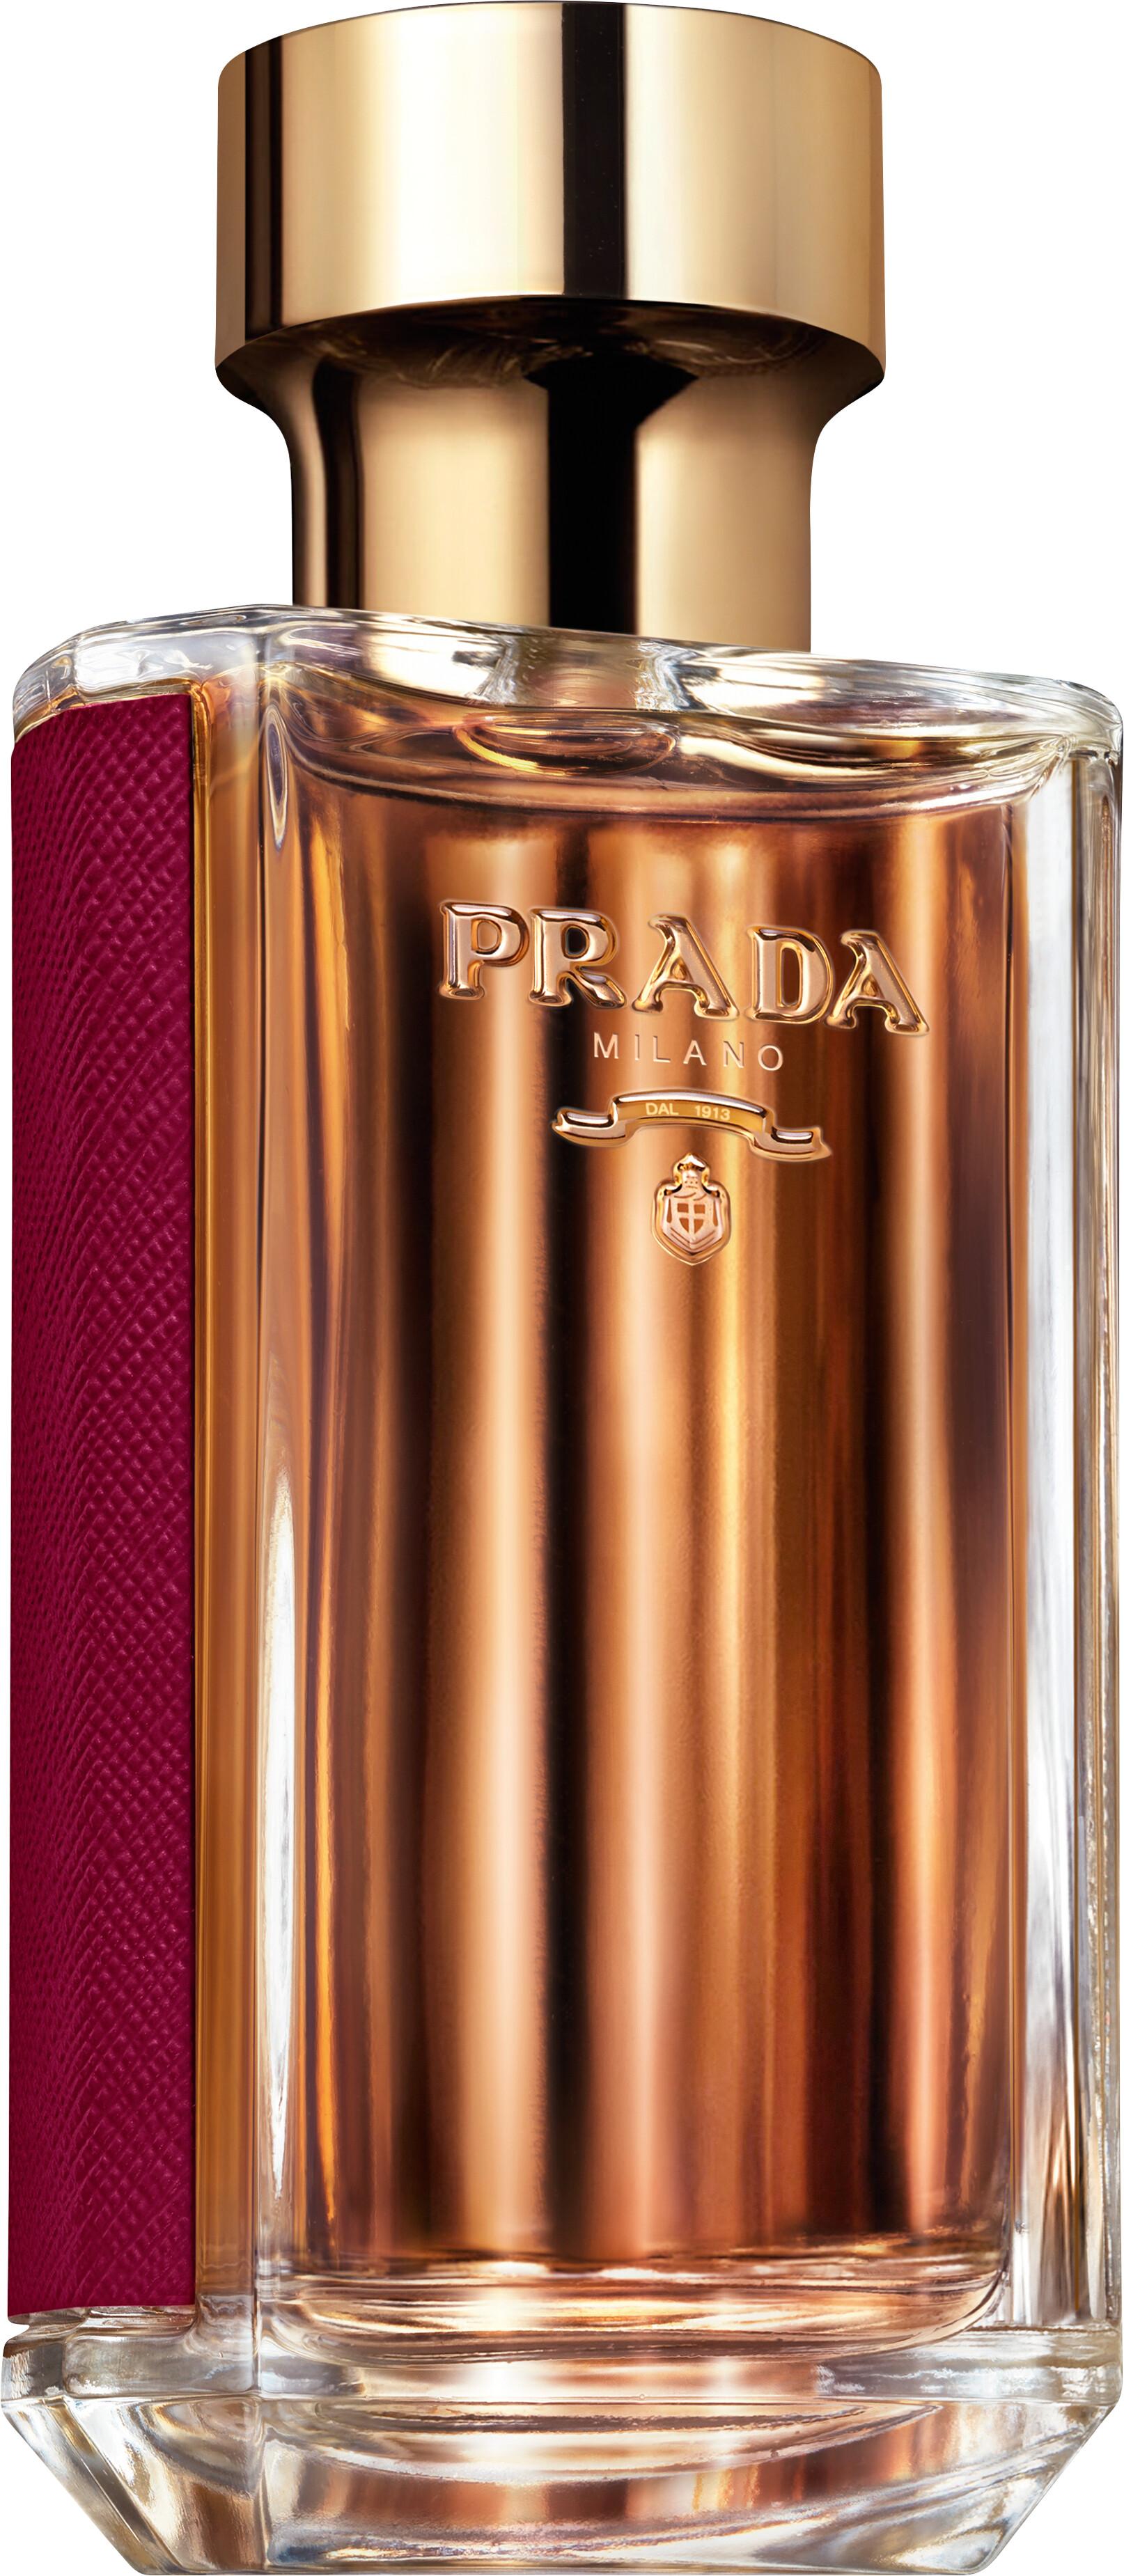 Prada Femme De Parfum Intense Eau Spray La v8nmO0wN